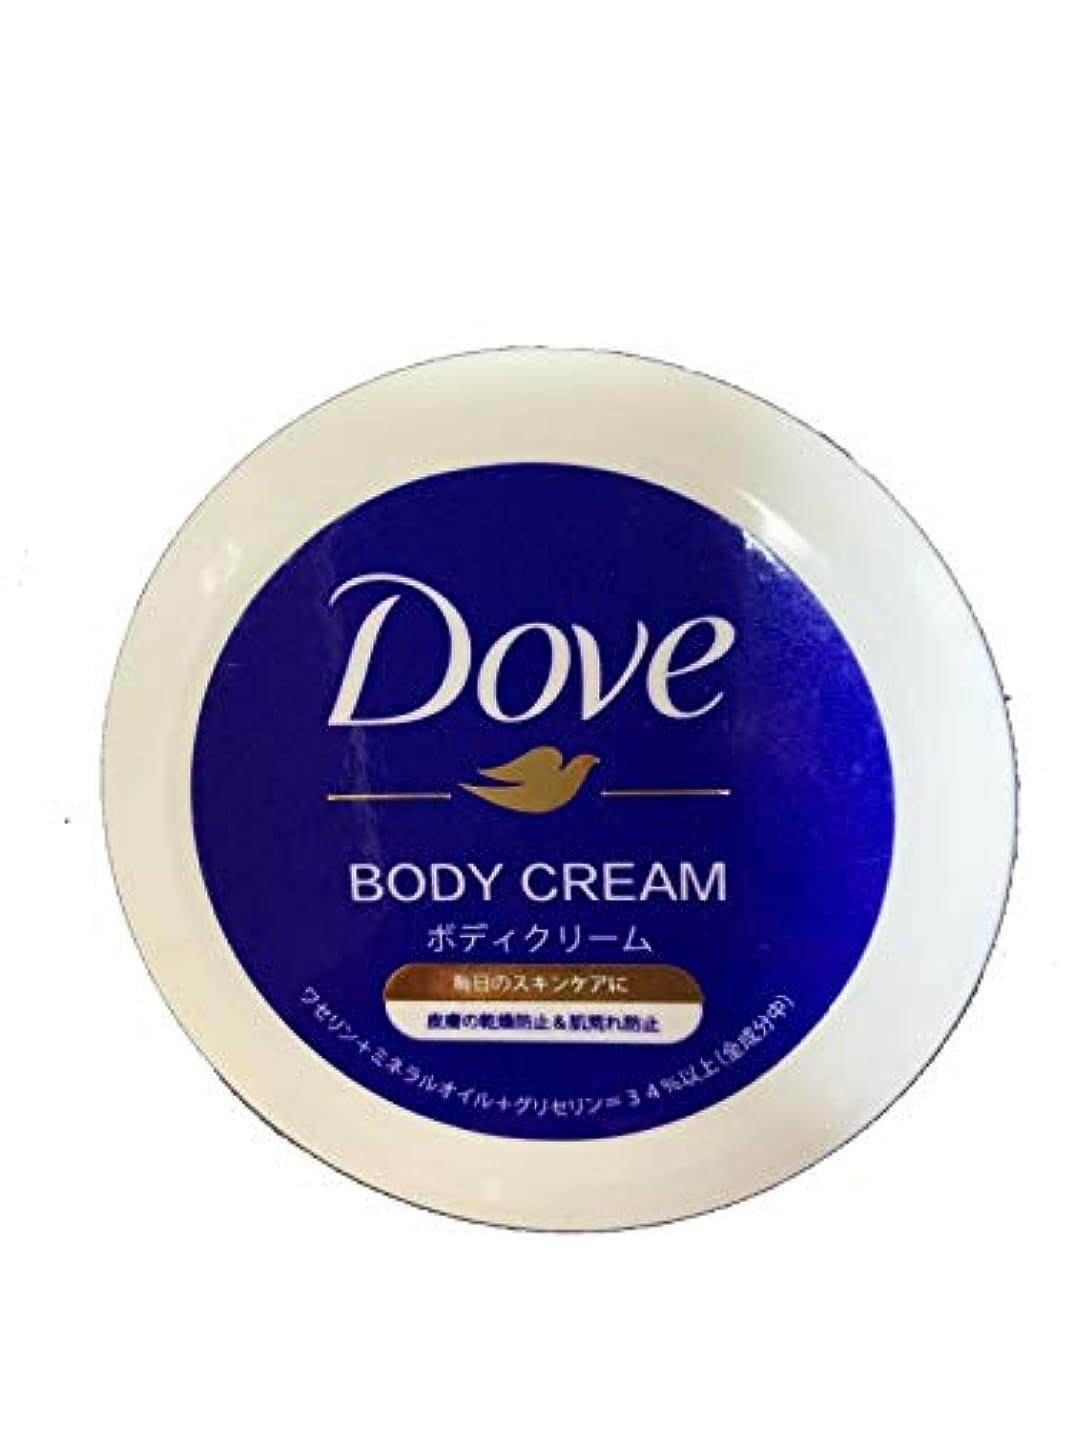 呼び起こす邪魔する精神Dove ボディクリーム ディリースキンケア